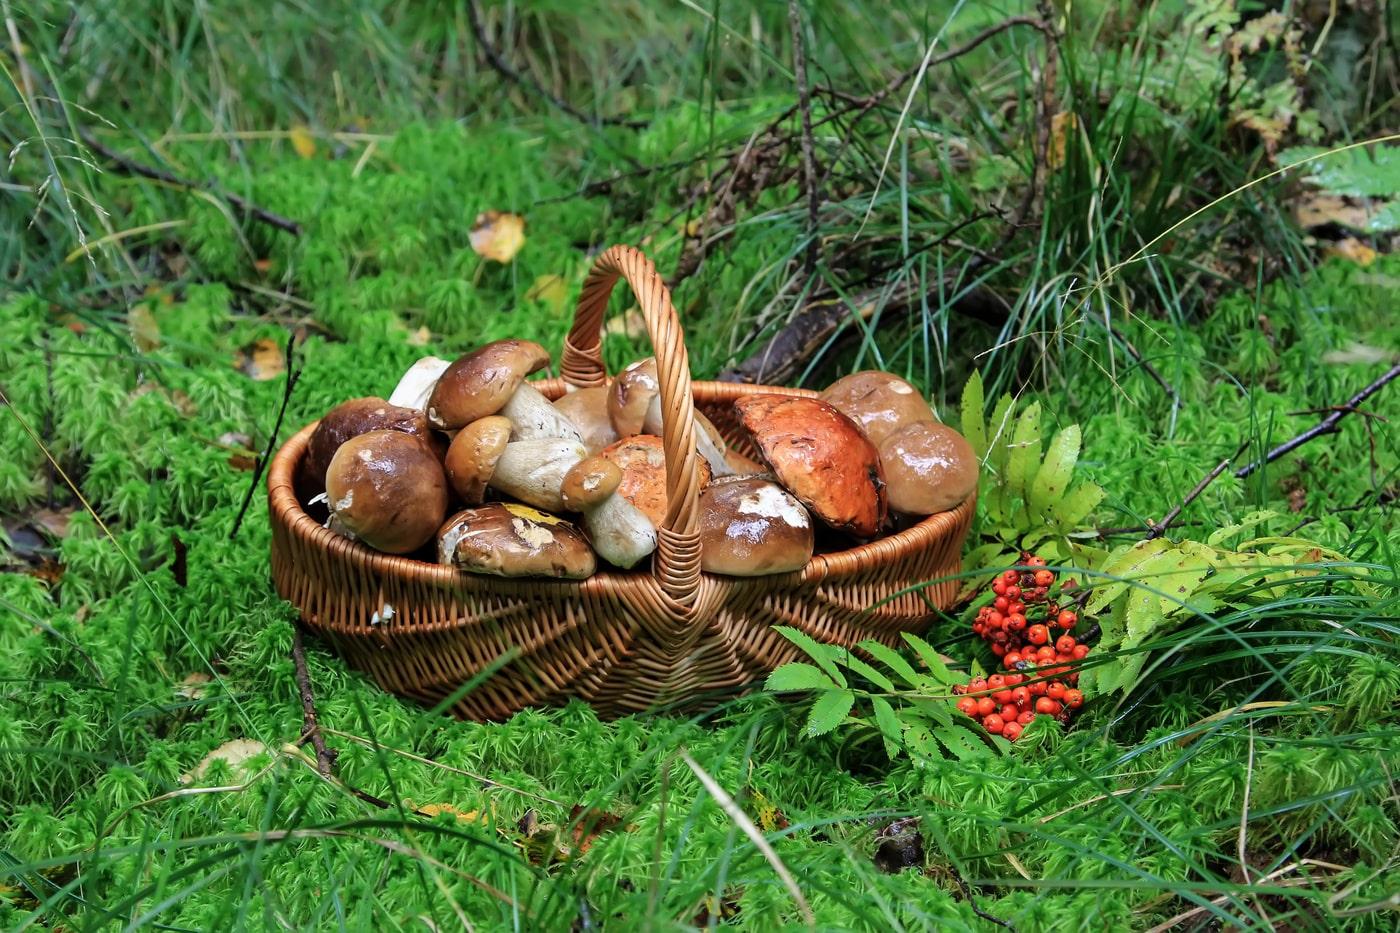 урожай грибов, фото отзывы 2021 фото 3